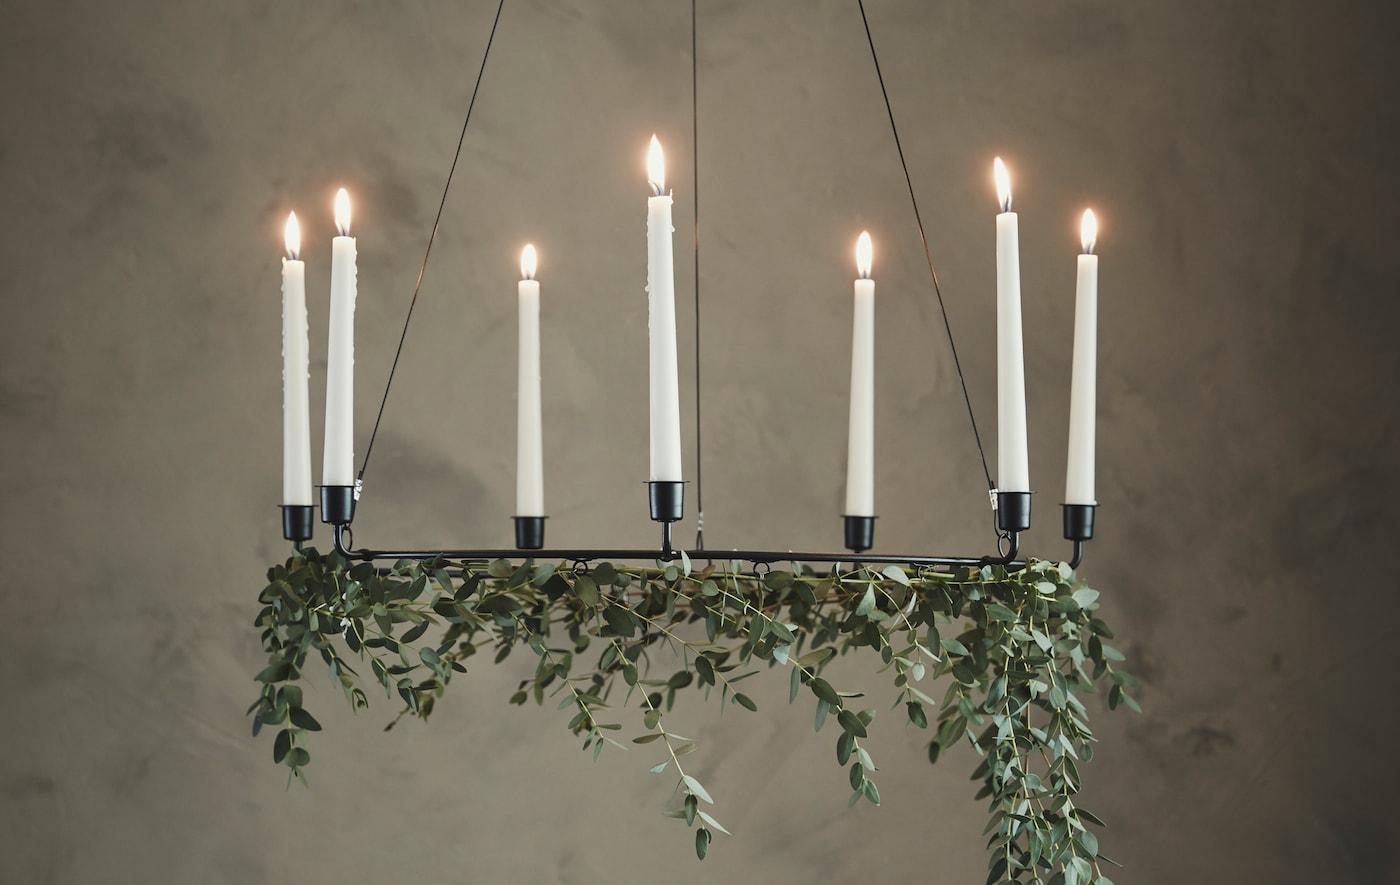 Hol dir dieses Weihnachten Natur ins Schlafzimmer und dekoriere z. B. dein Bett mit Pflanzen. Bei IKEA findest du eine Vielzahl moderner Bettgestelle wie z. B. GJÖRA aus Birkenholz. Beide Enden lassen sich als Kopfteil verwenden. Blüten oder Stoffe dienen zur individuellen Gestaltung.